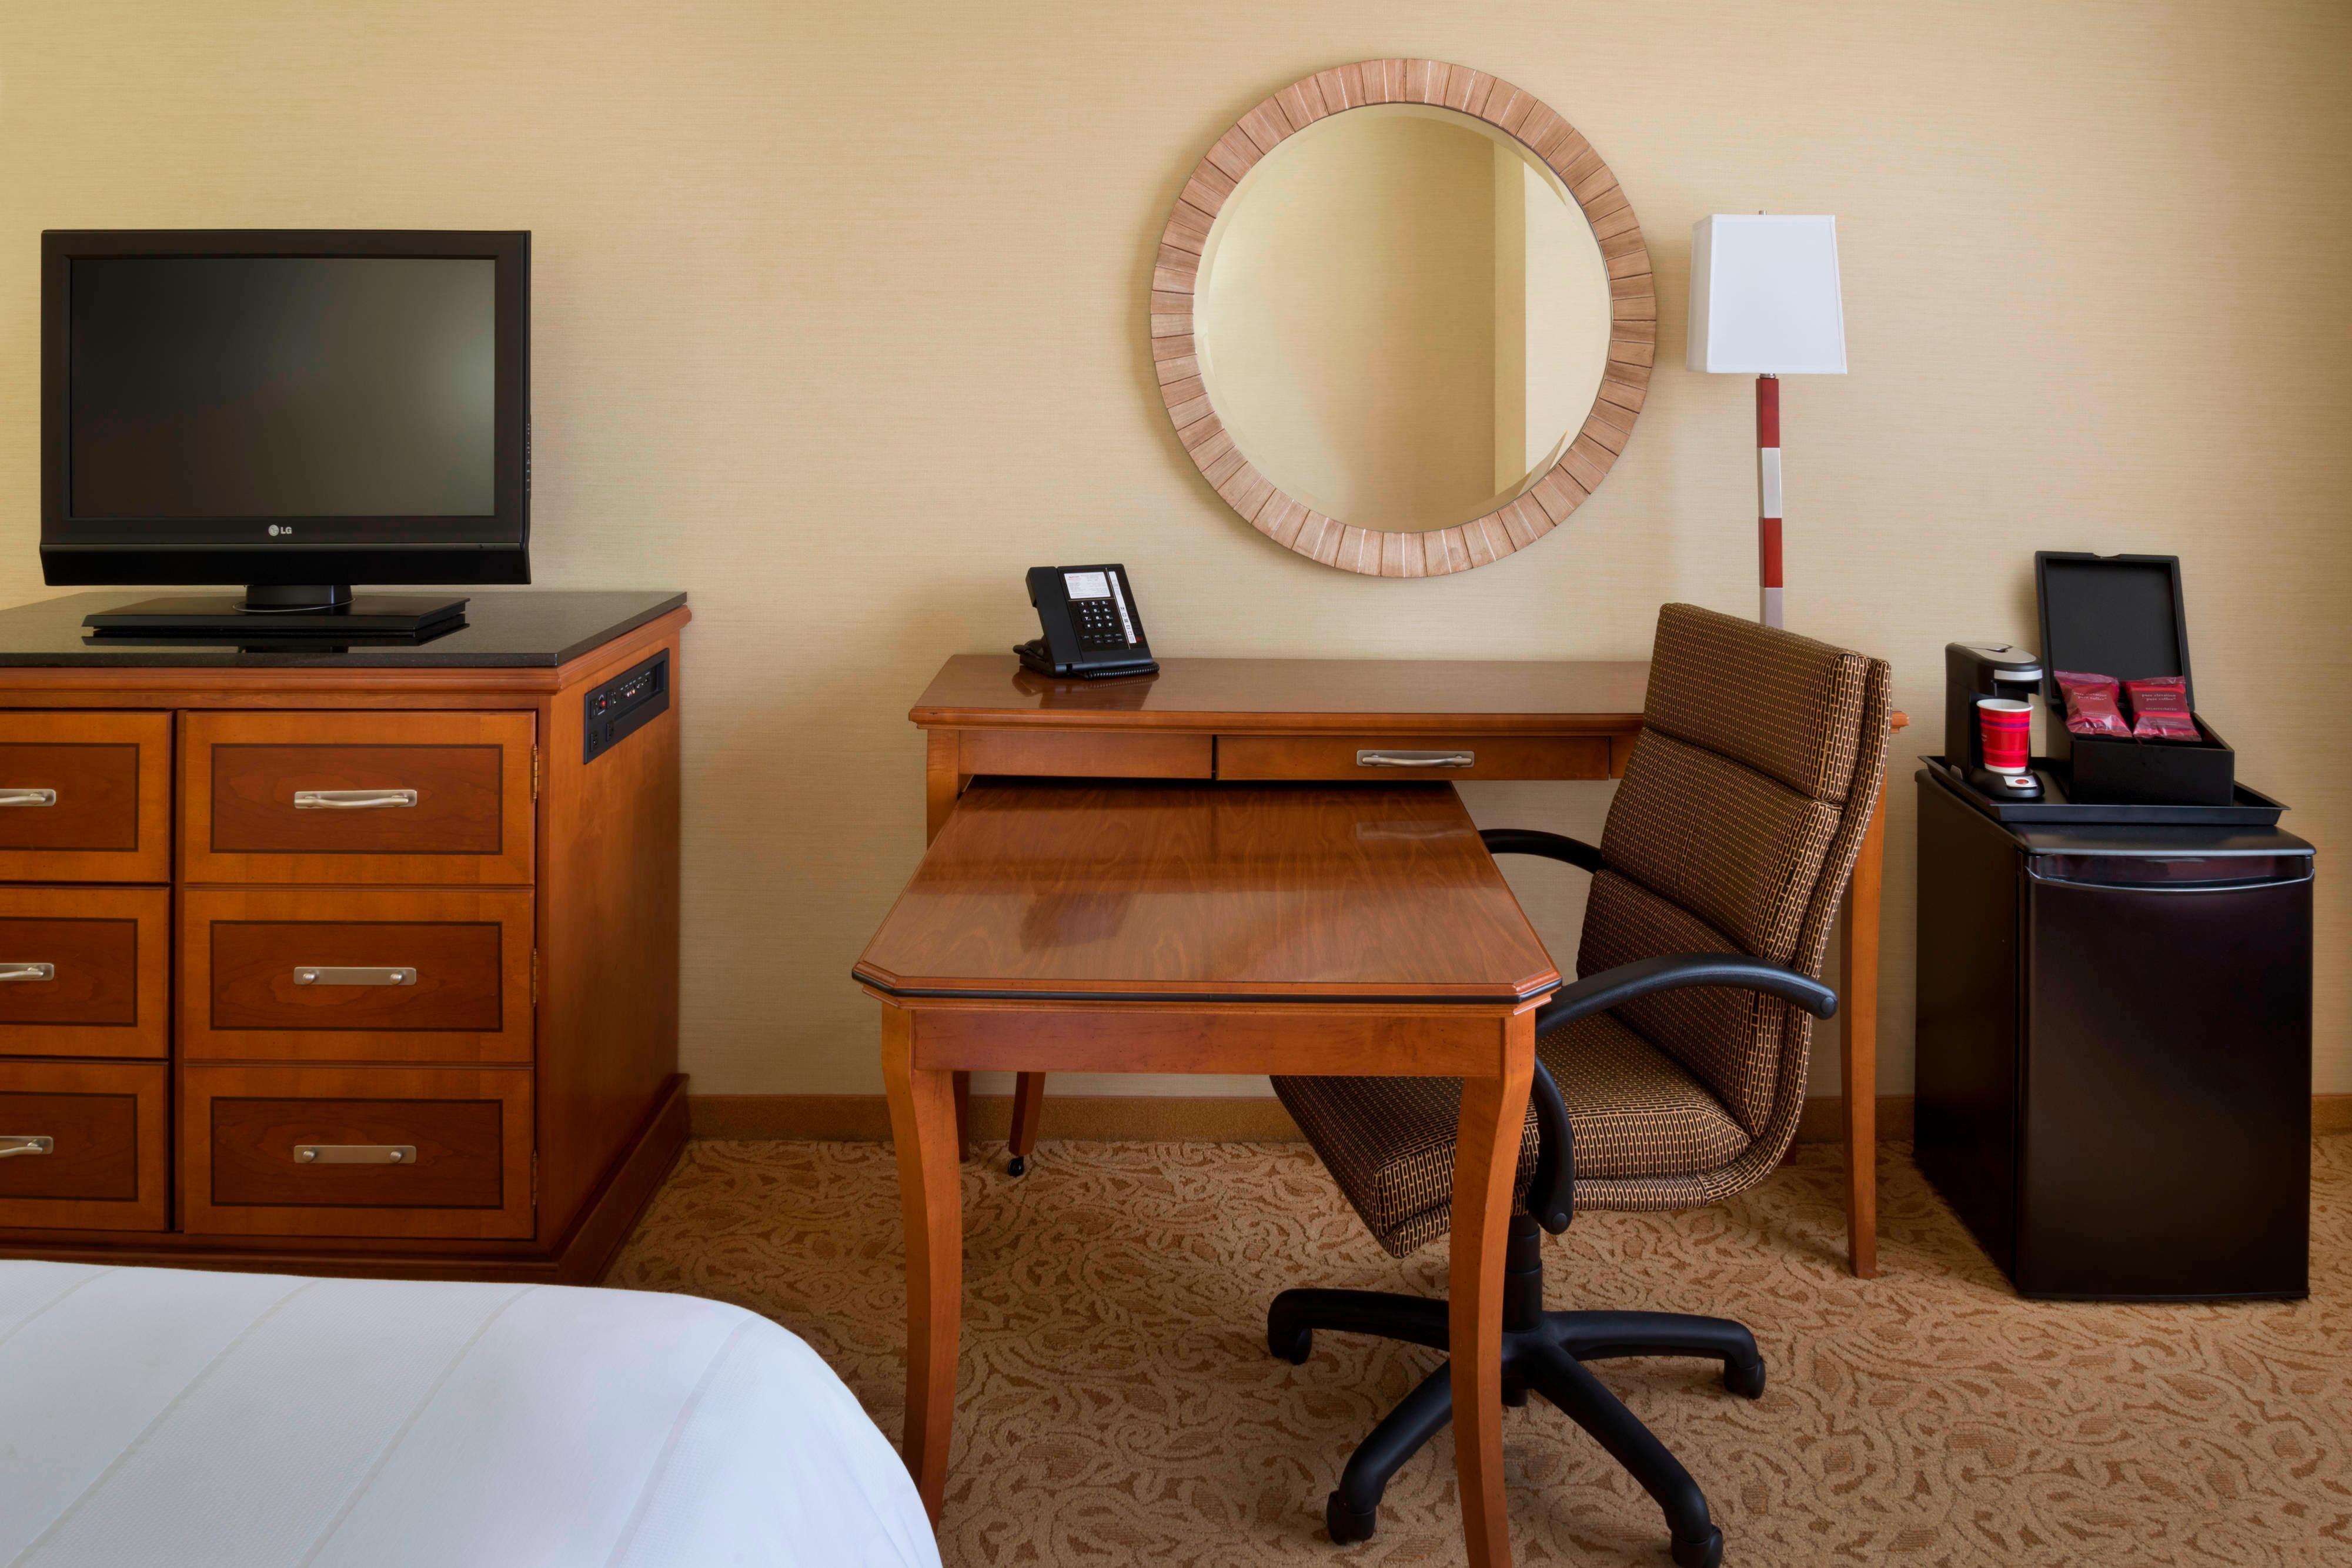 Mesa de trabalho do quarto